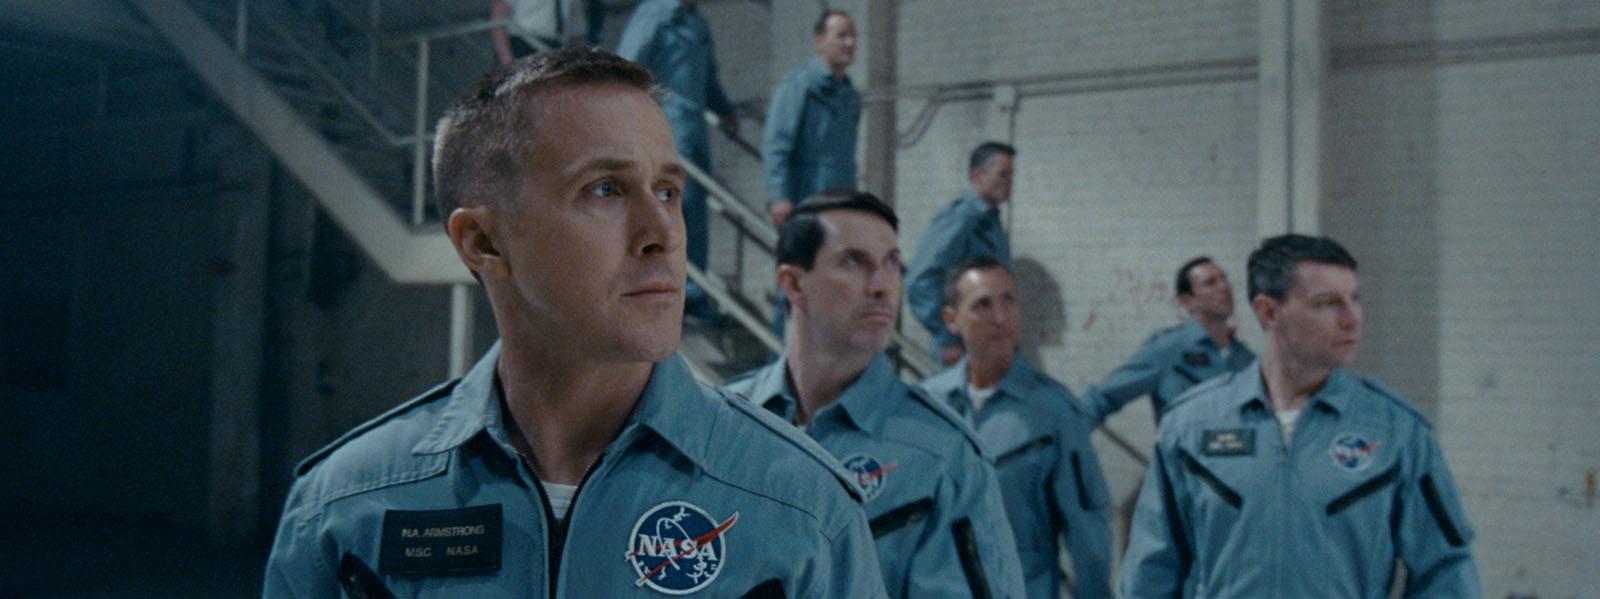 First Man - le premier homme sur la Lune DVDRip Télécharger